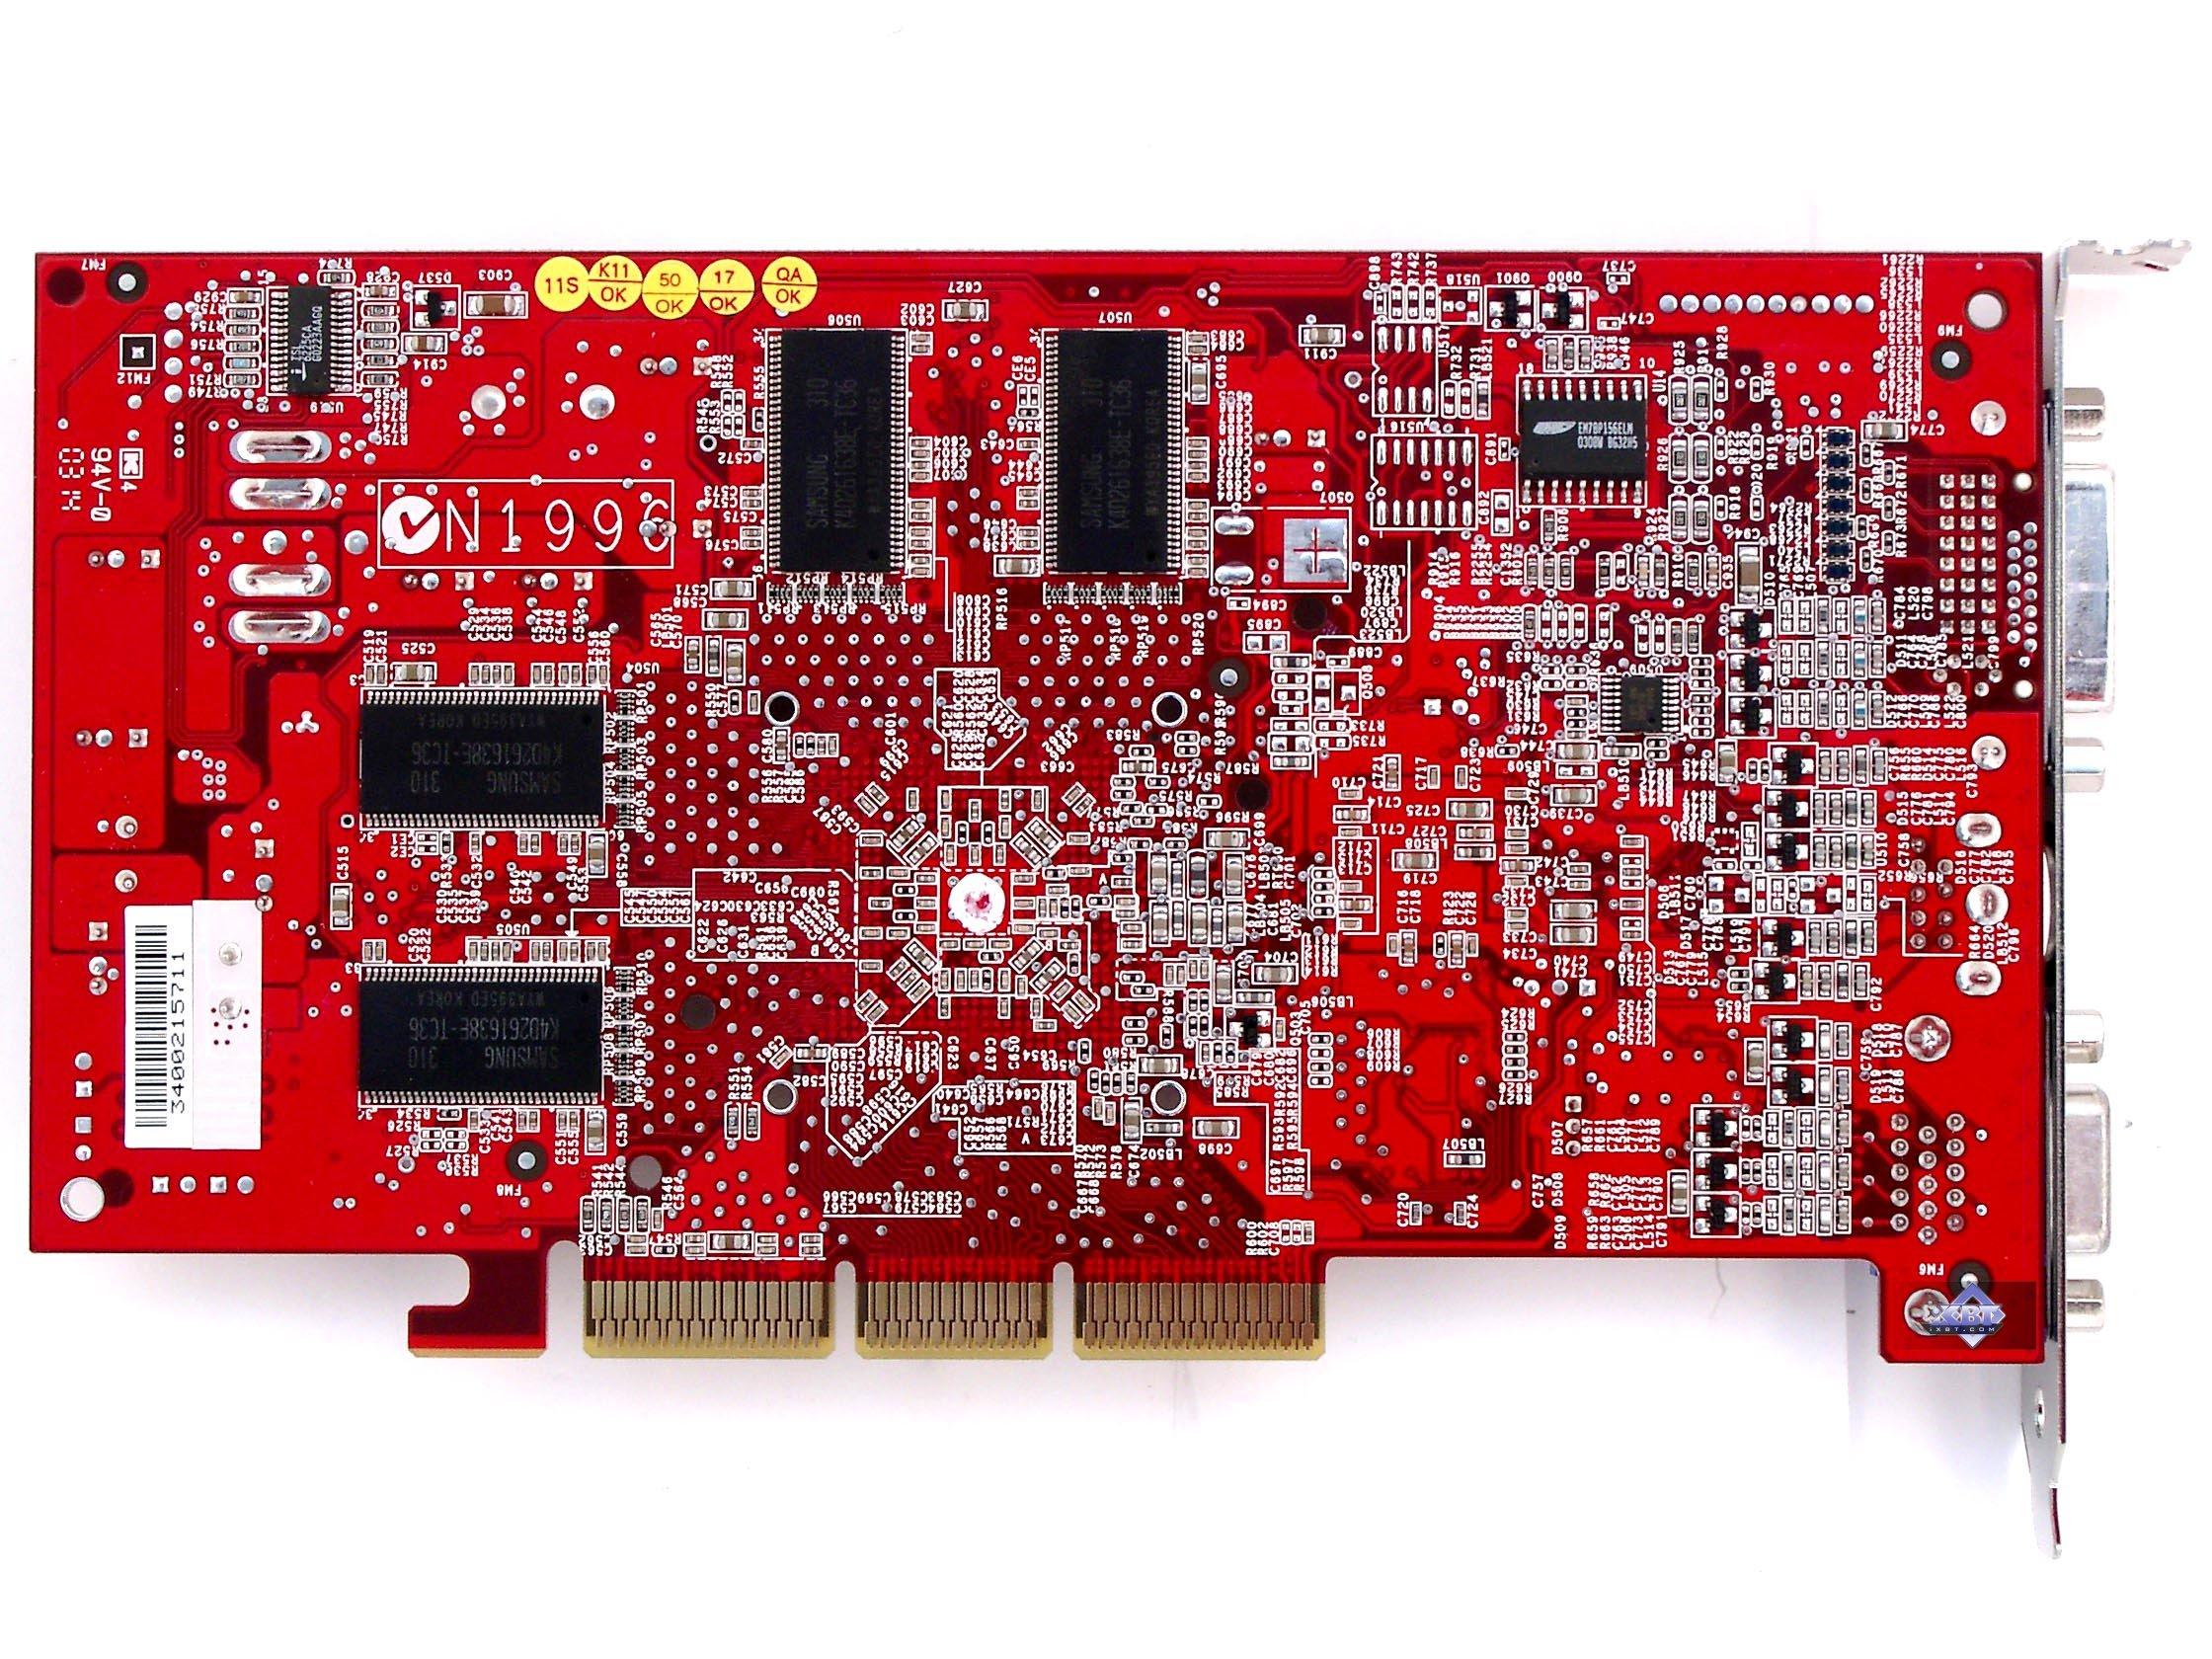 драйвер для видеокарты nvidia geforse fx 5600 скачать